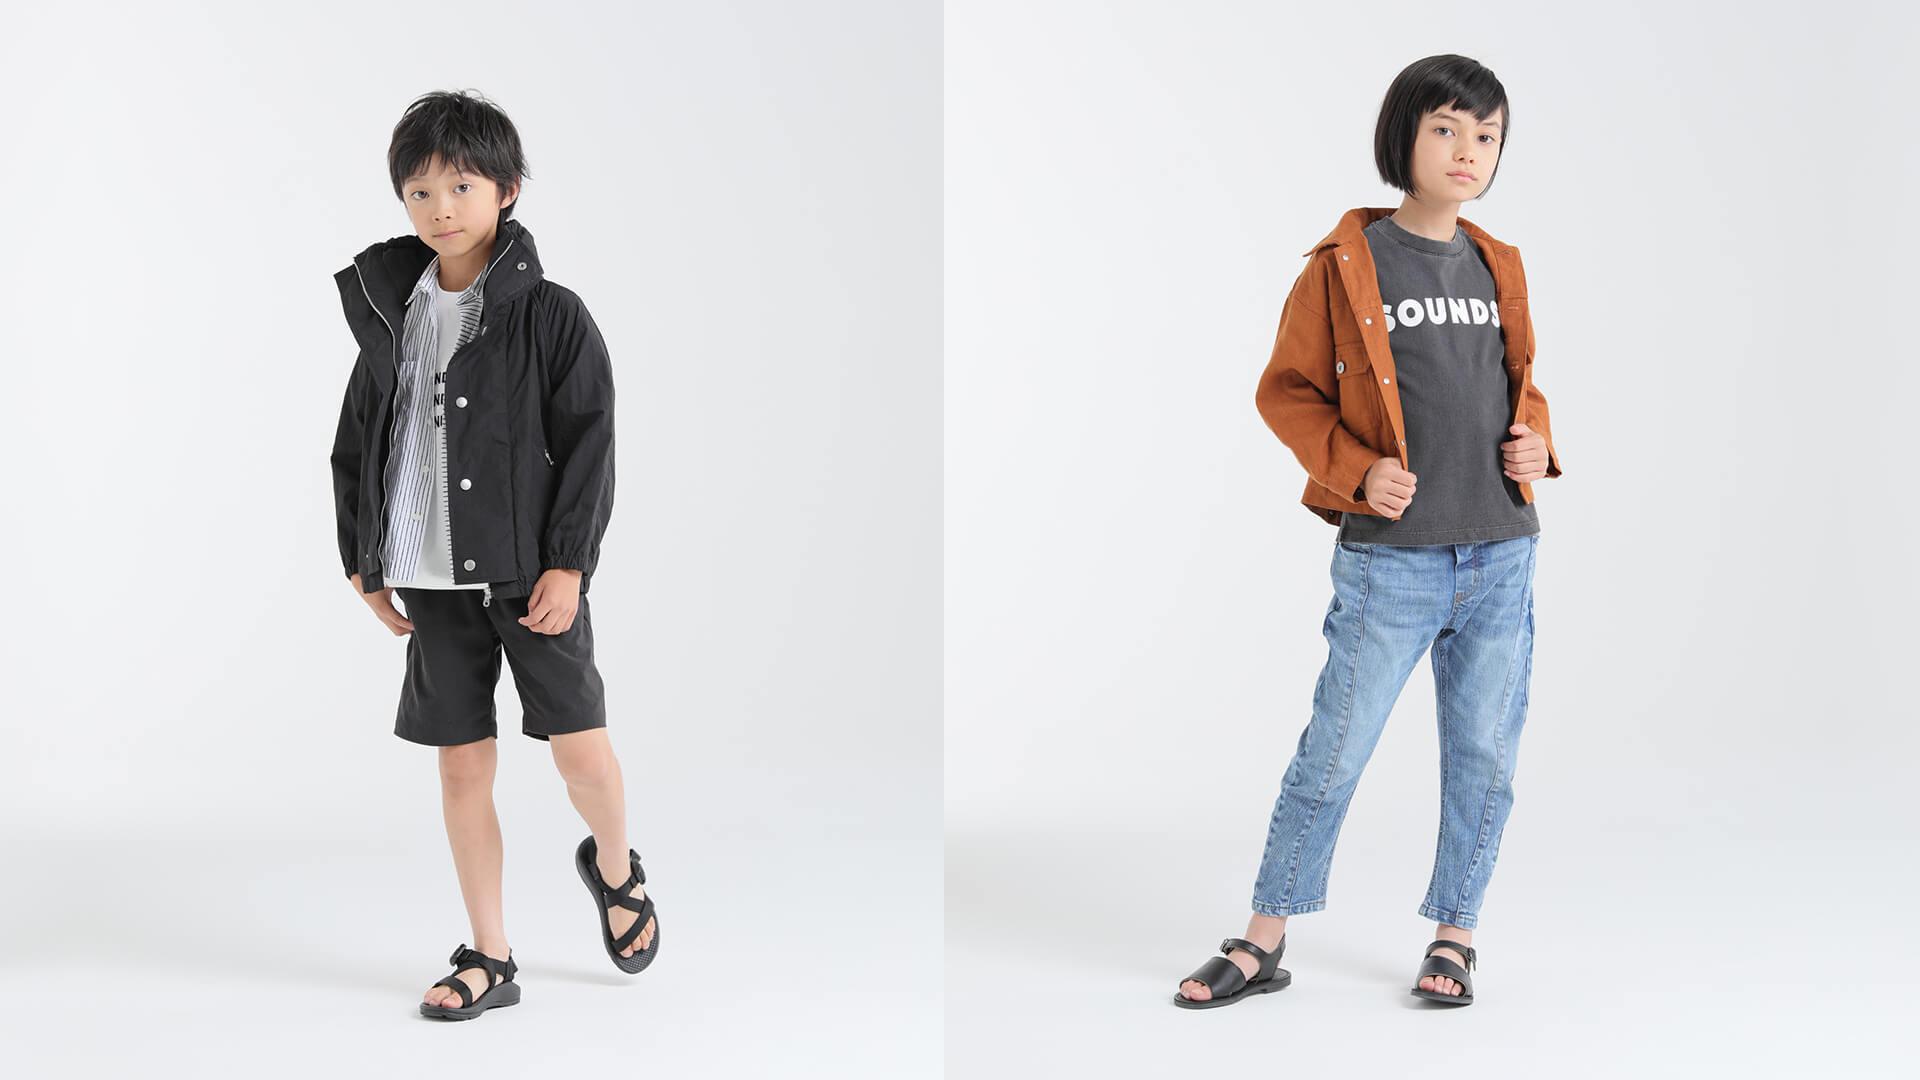 子供から大人まで、マルチサイズで楽しめる洋服【WEB・EC担当】のカバー写真